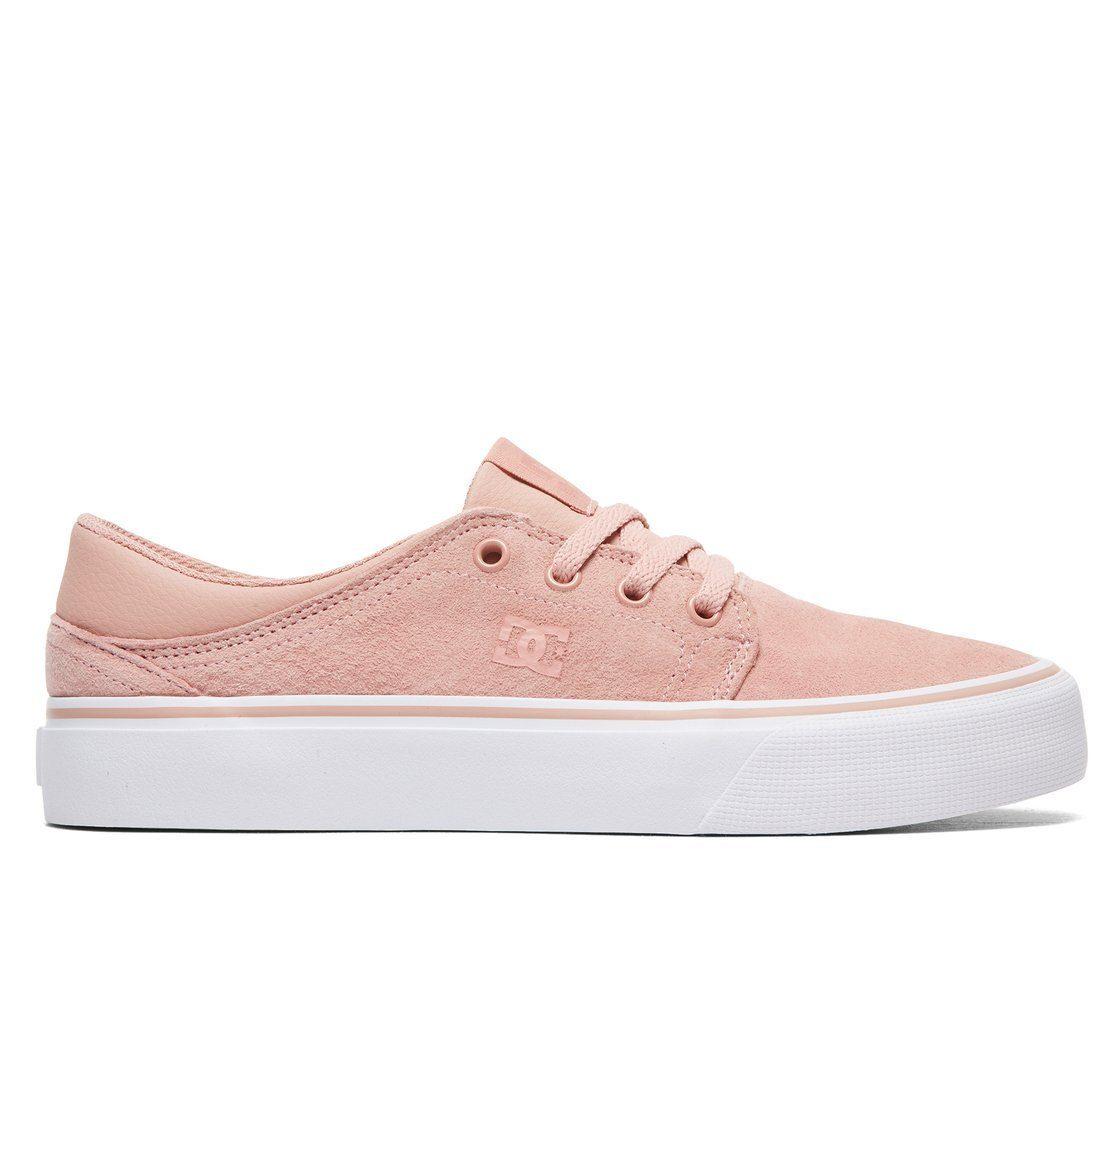 DC Shoes Schuhe Trase LE online kaufen  Peach parfait